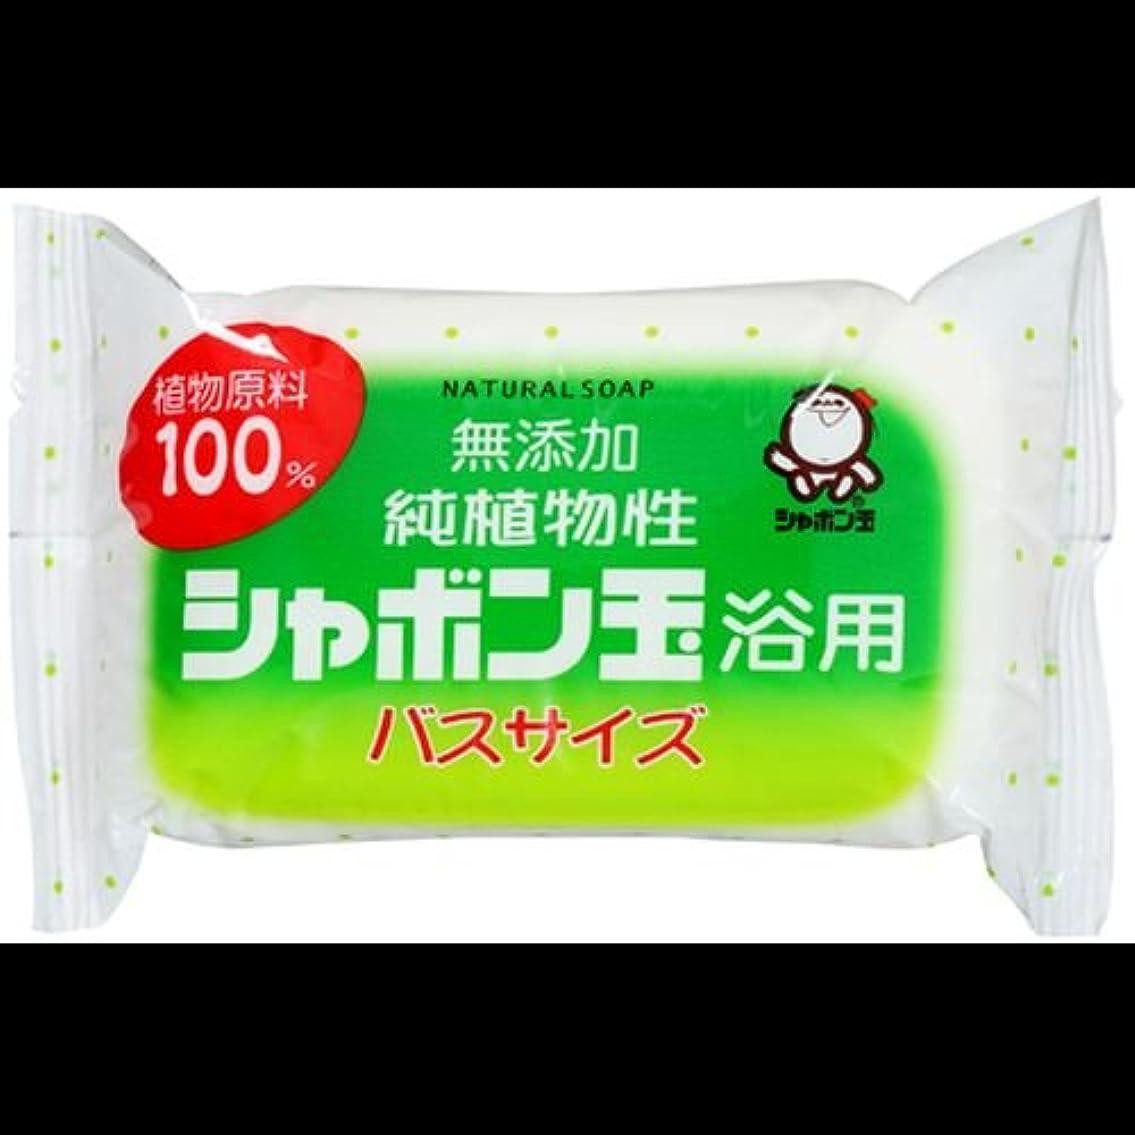 優しさペット揺れる【まとめ買い】純植物性シャボン玉 浴用 バスサイズ155g ×2セット